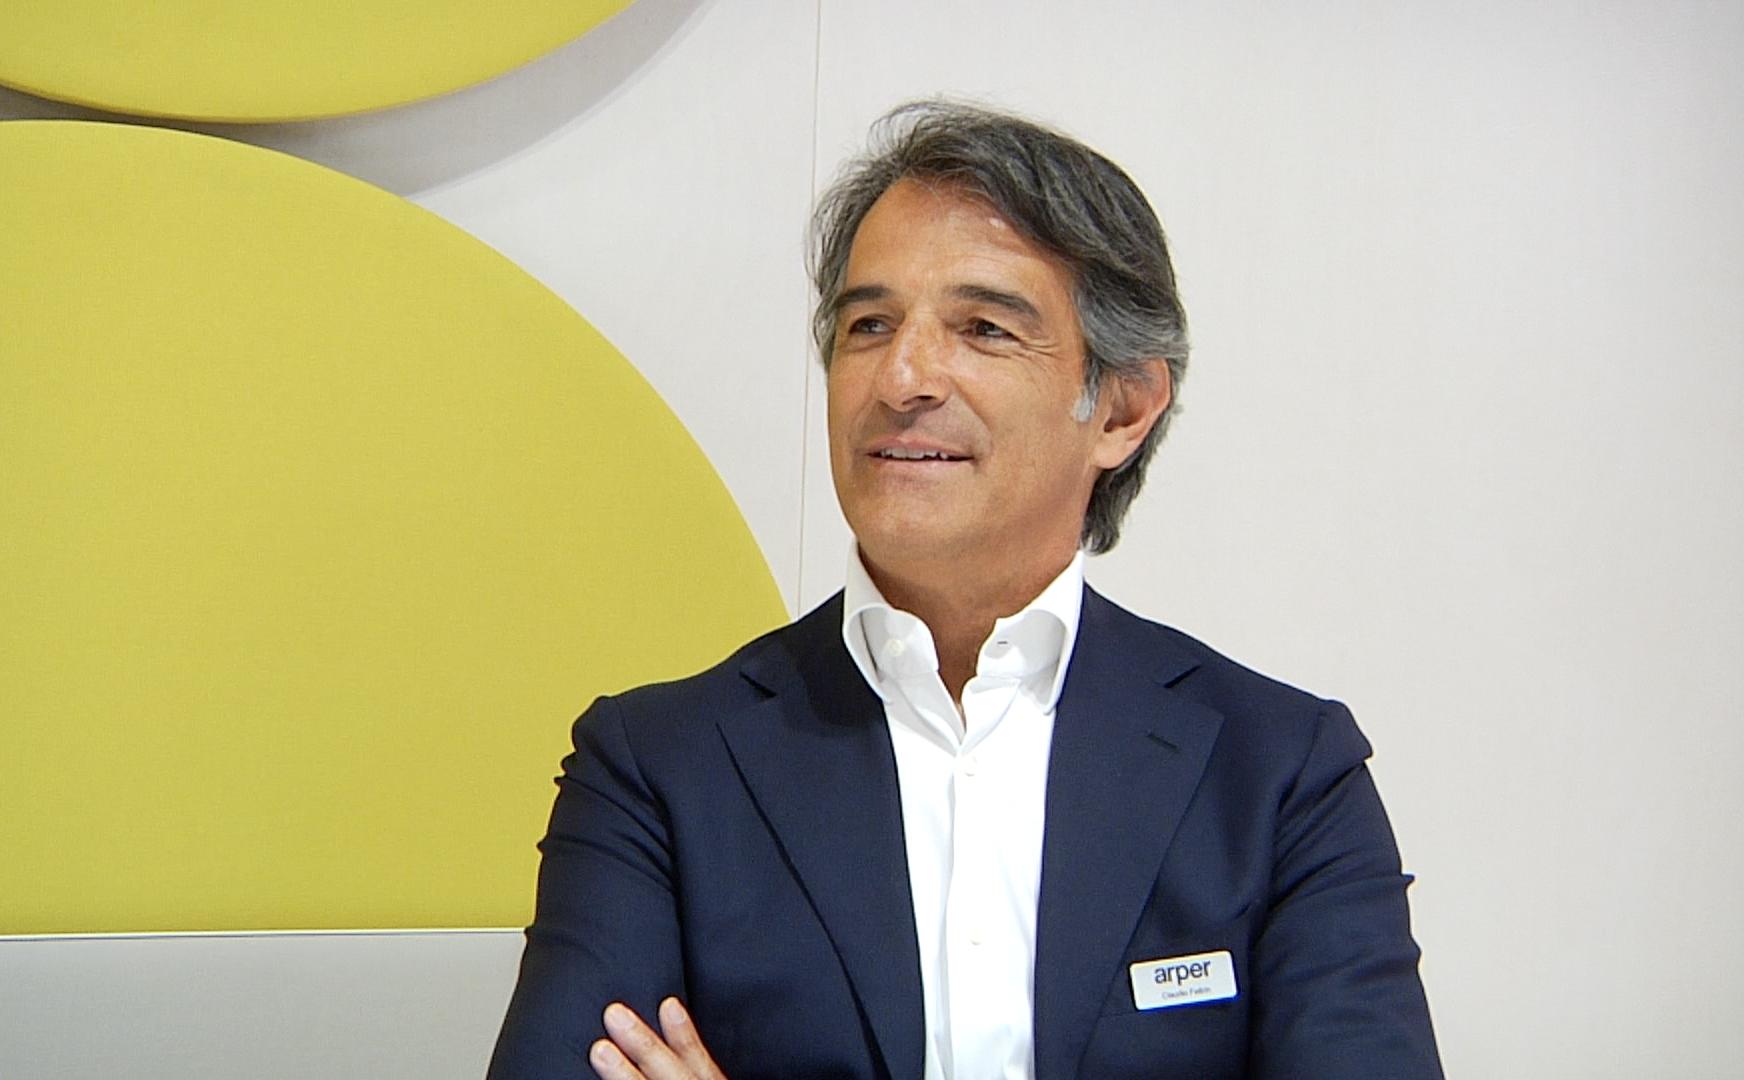 Claudio Feltrin (presidente Federlegnoarredo): «La filiera italiana legno-arredo ha tenuto molto bene alla crisi»